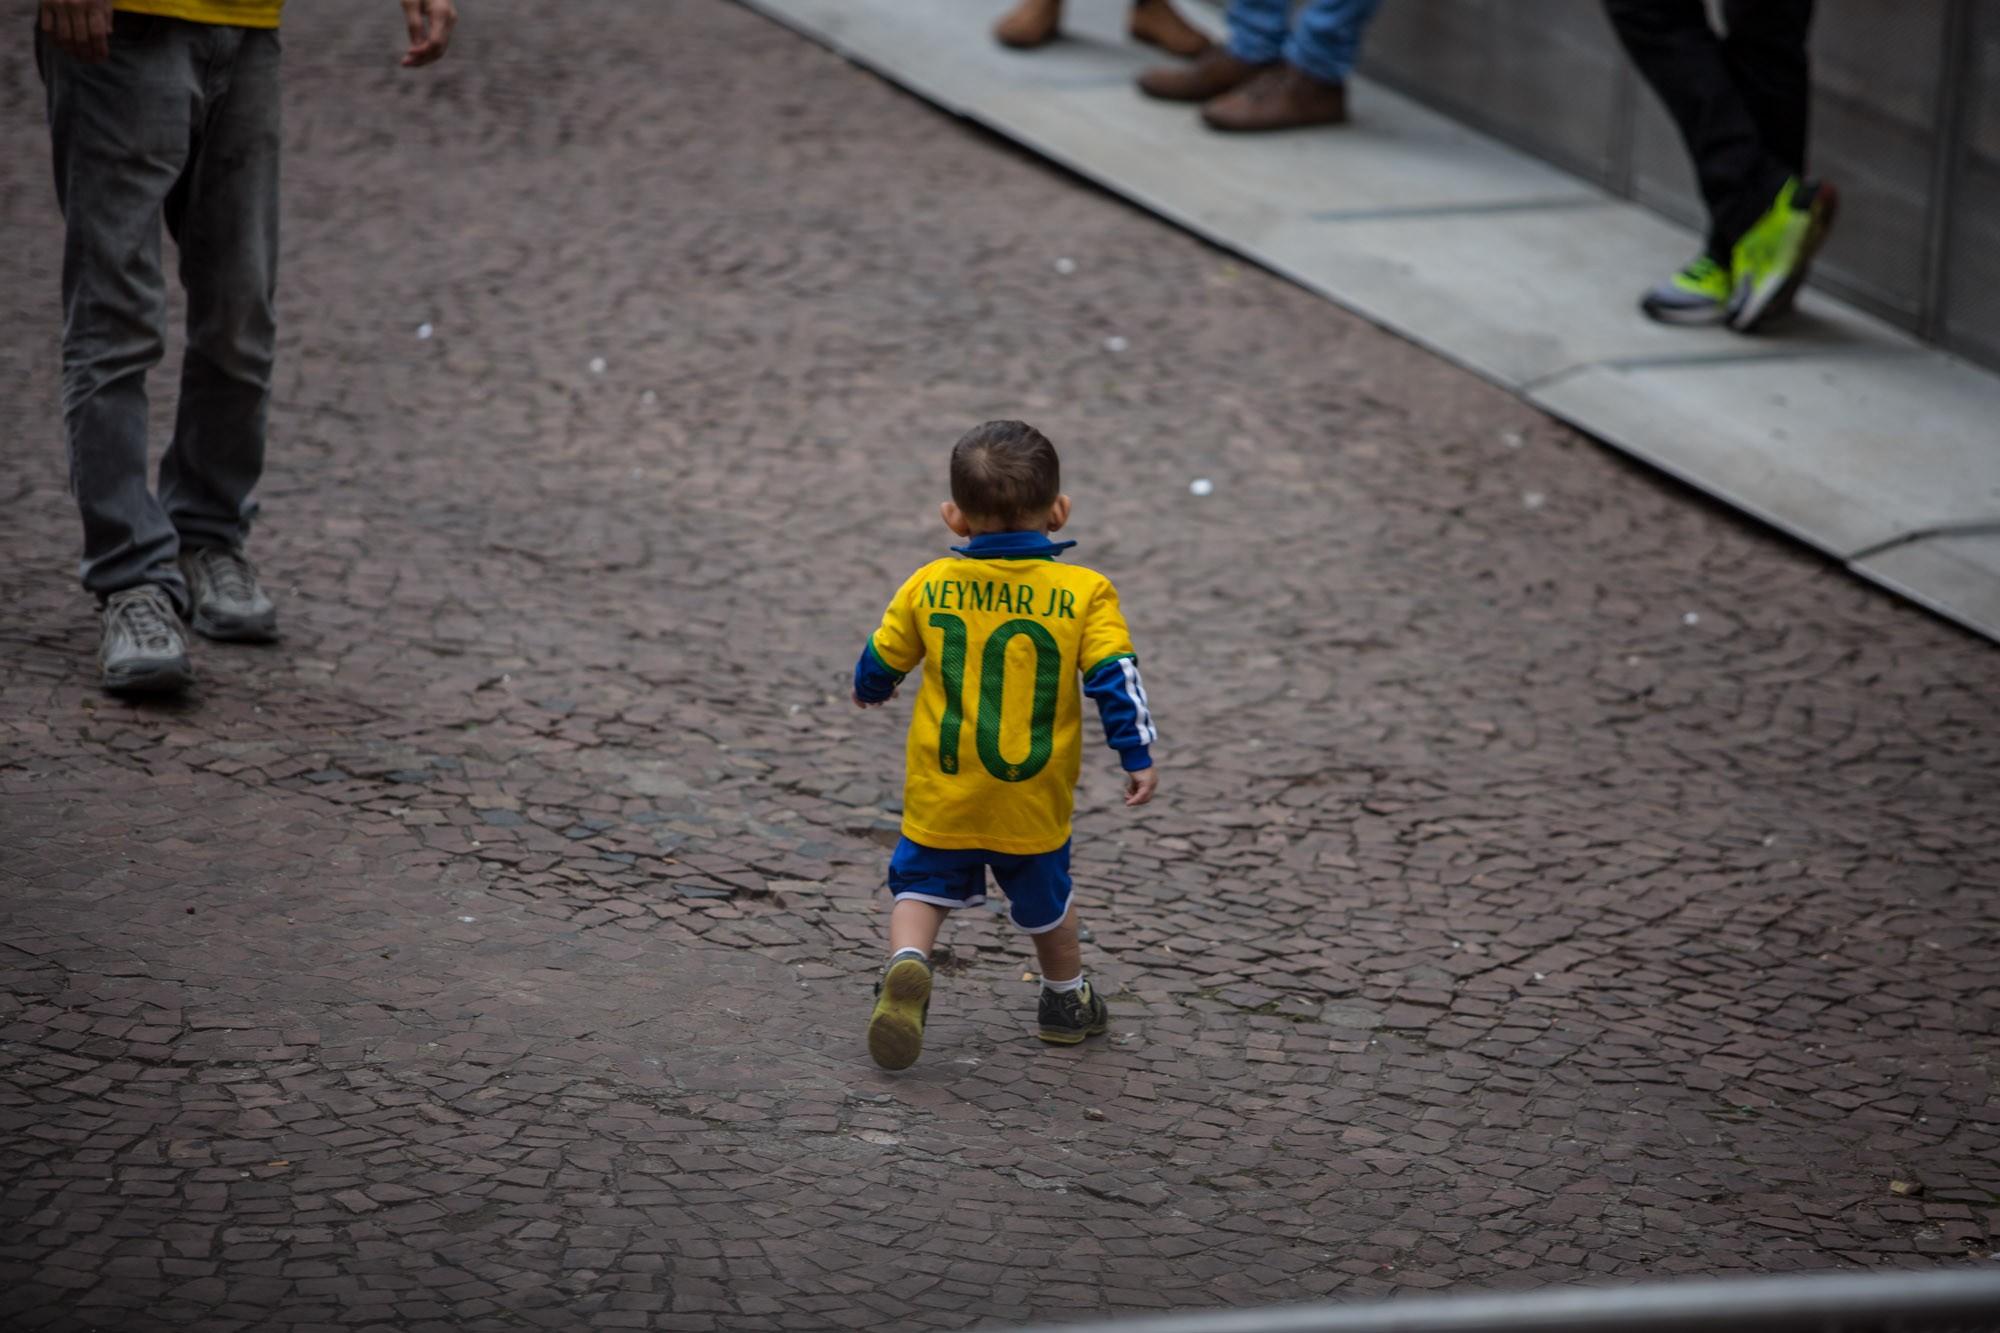 Brasil eliminado da Copa: como ajudar crianças a superar a frustração